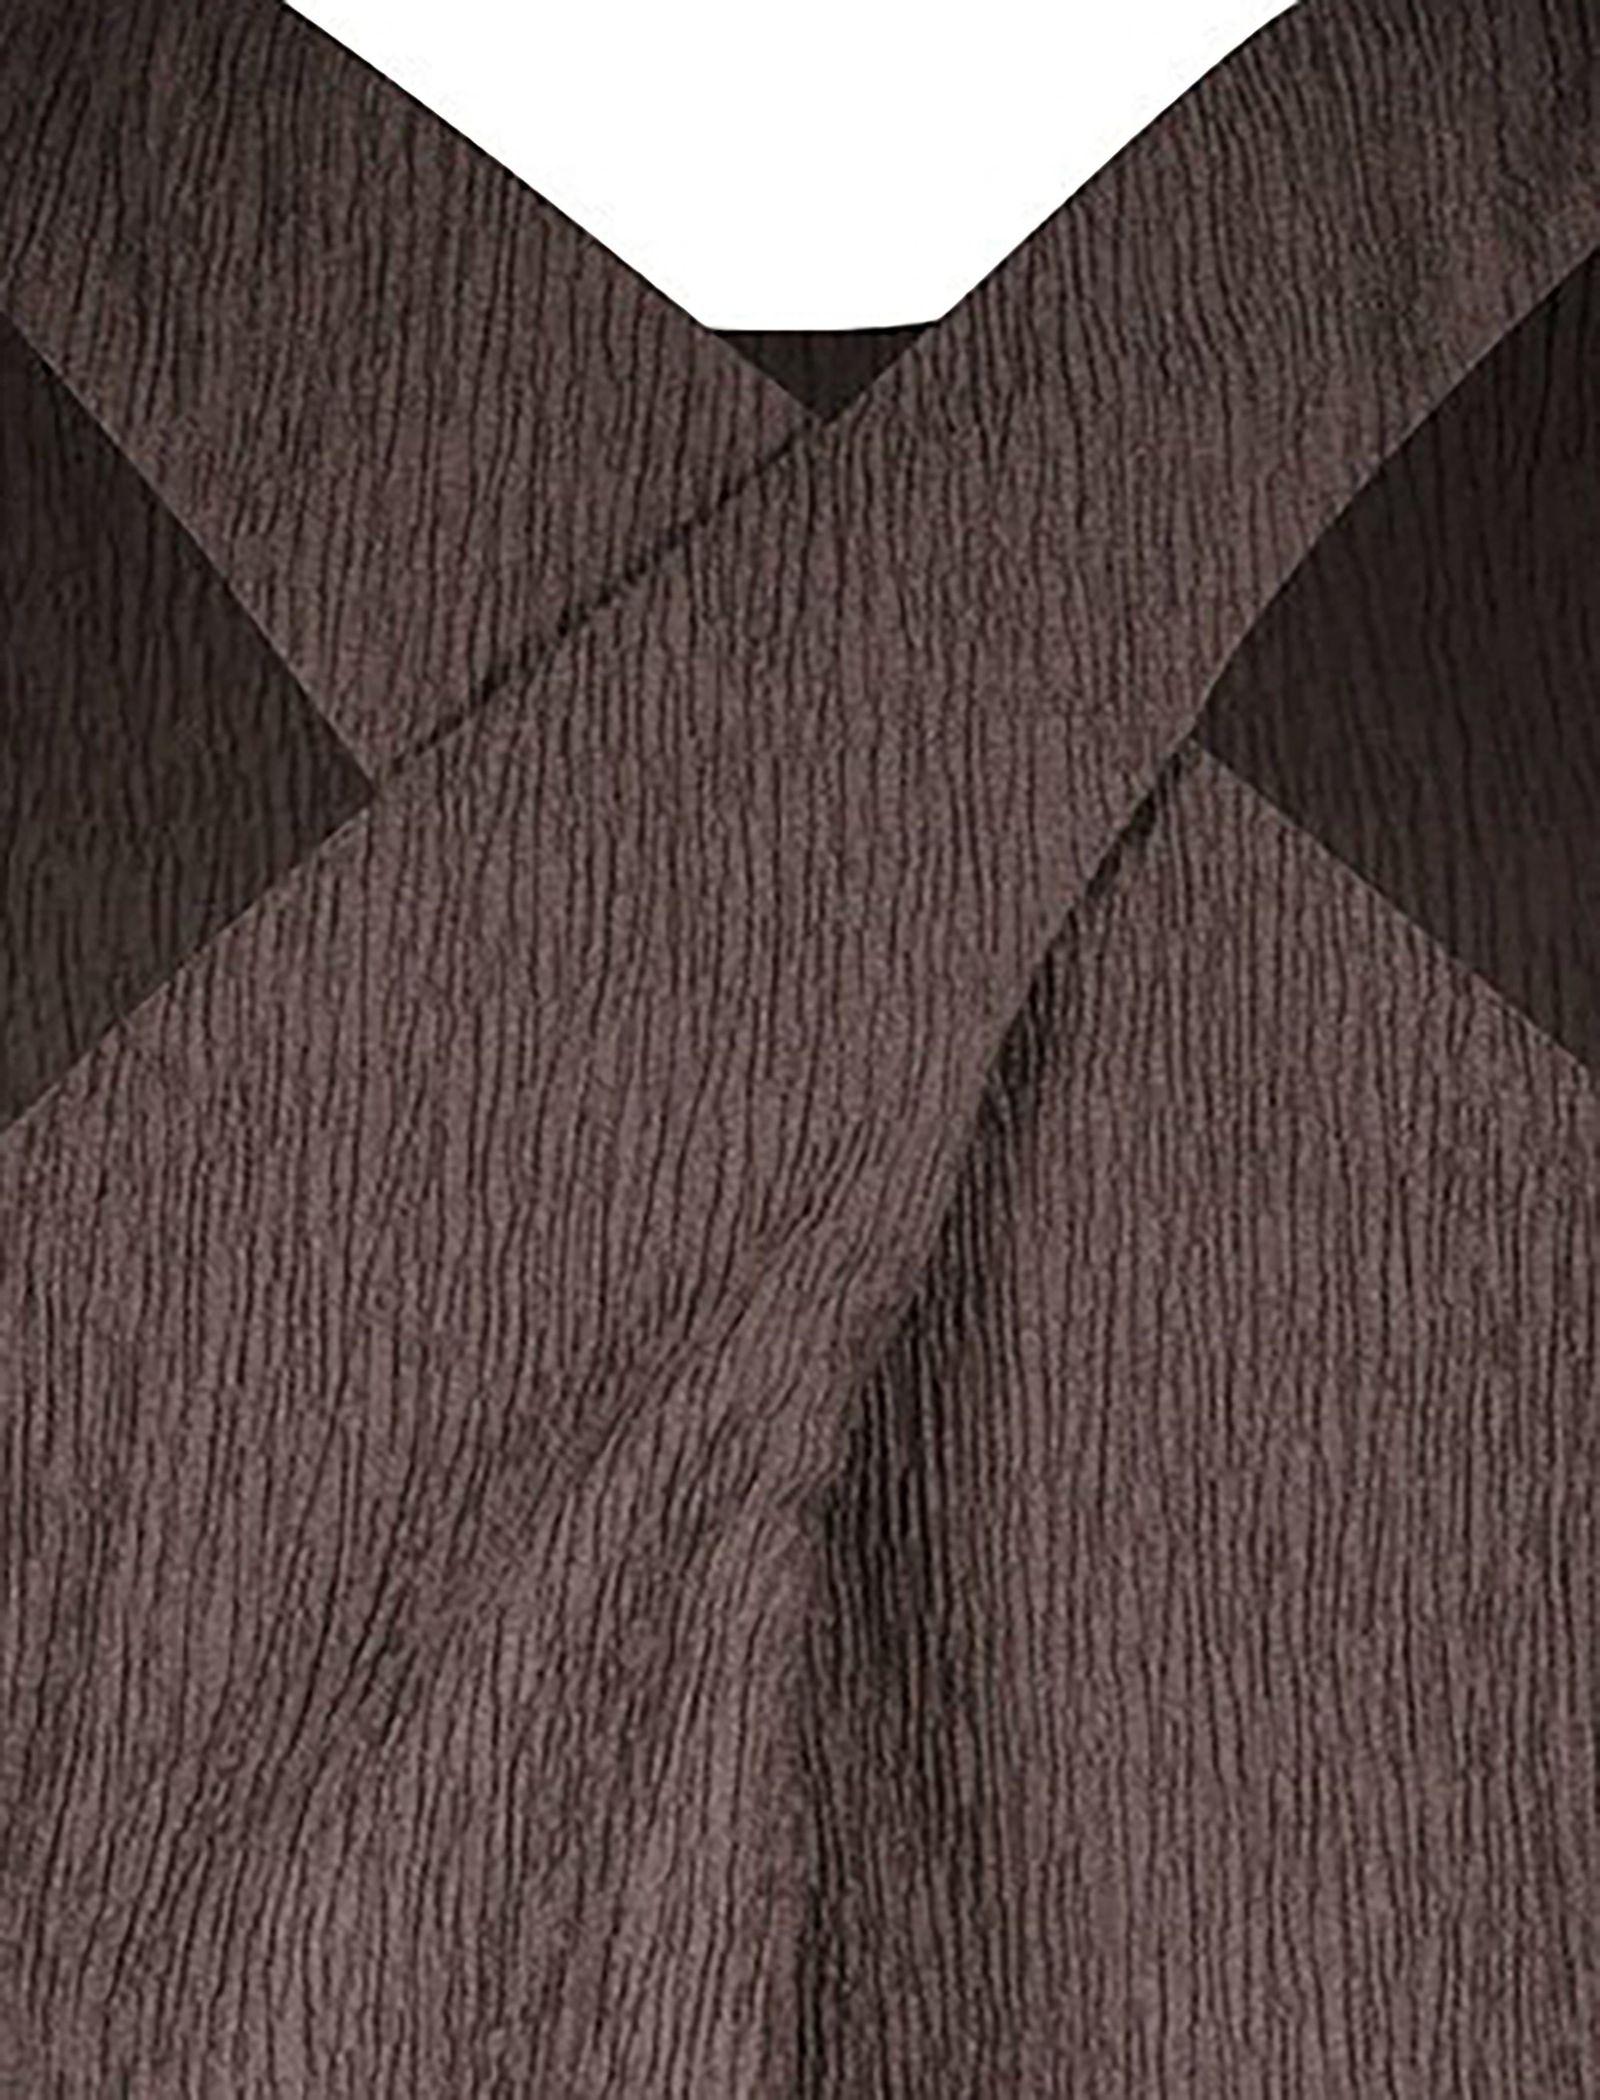 پیراهن بلند زنانه - استفانل - قهوه اي - 4